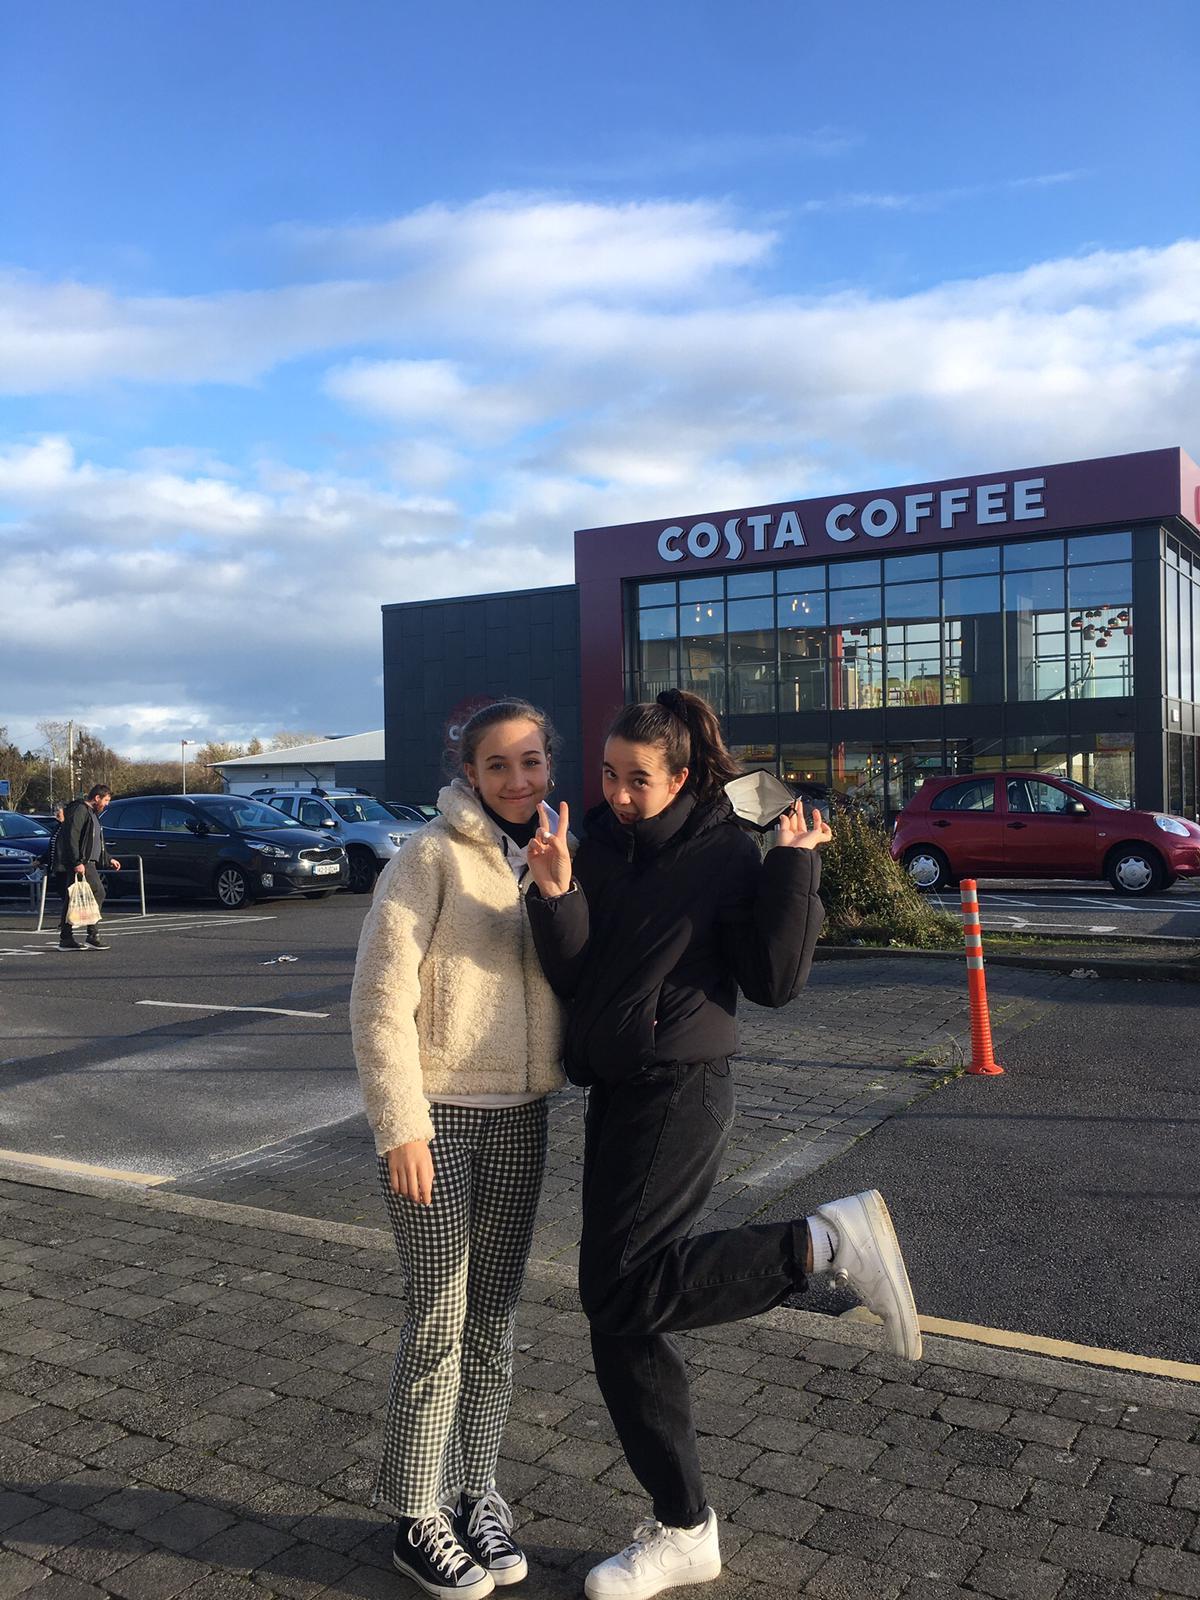 Año Escolar Inglés - Mi experiencia escolar en Wexford, Irlanda